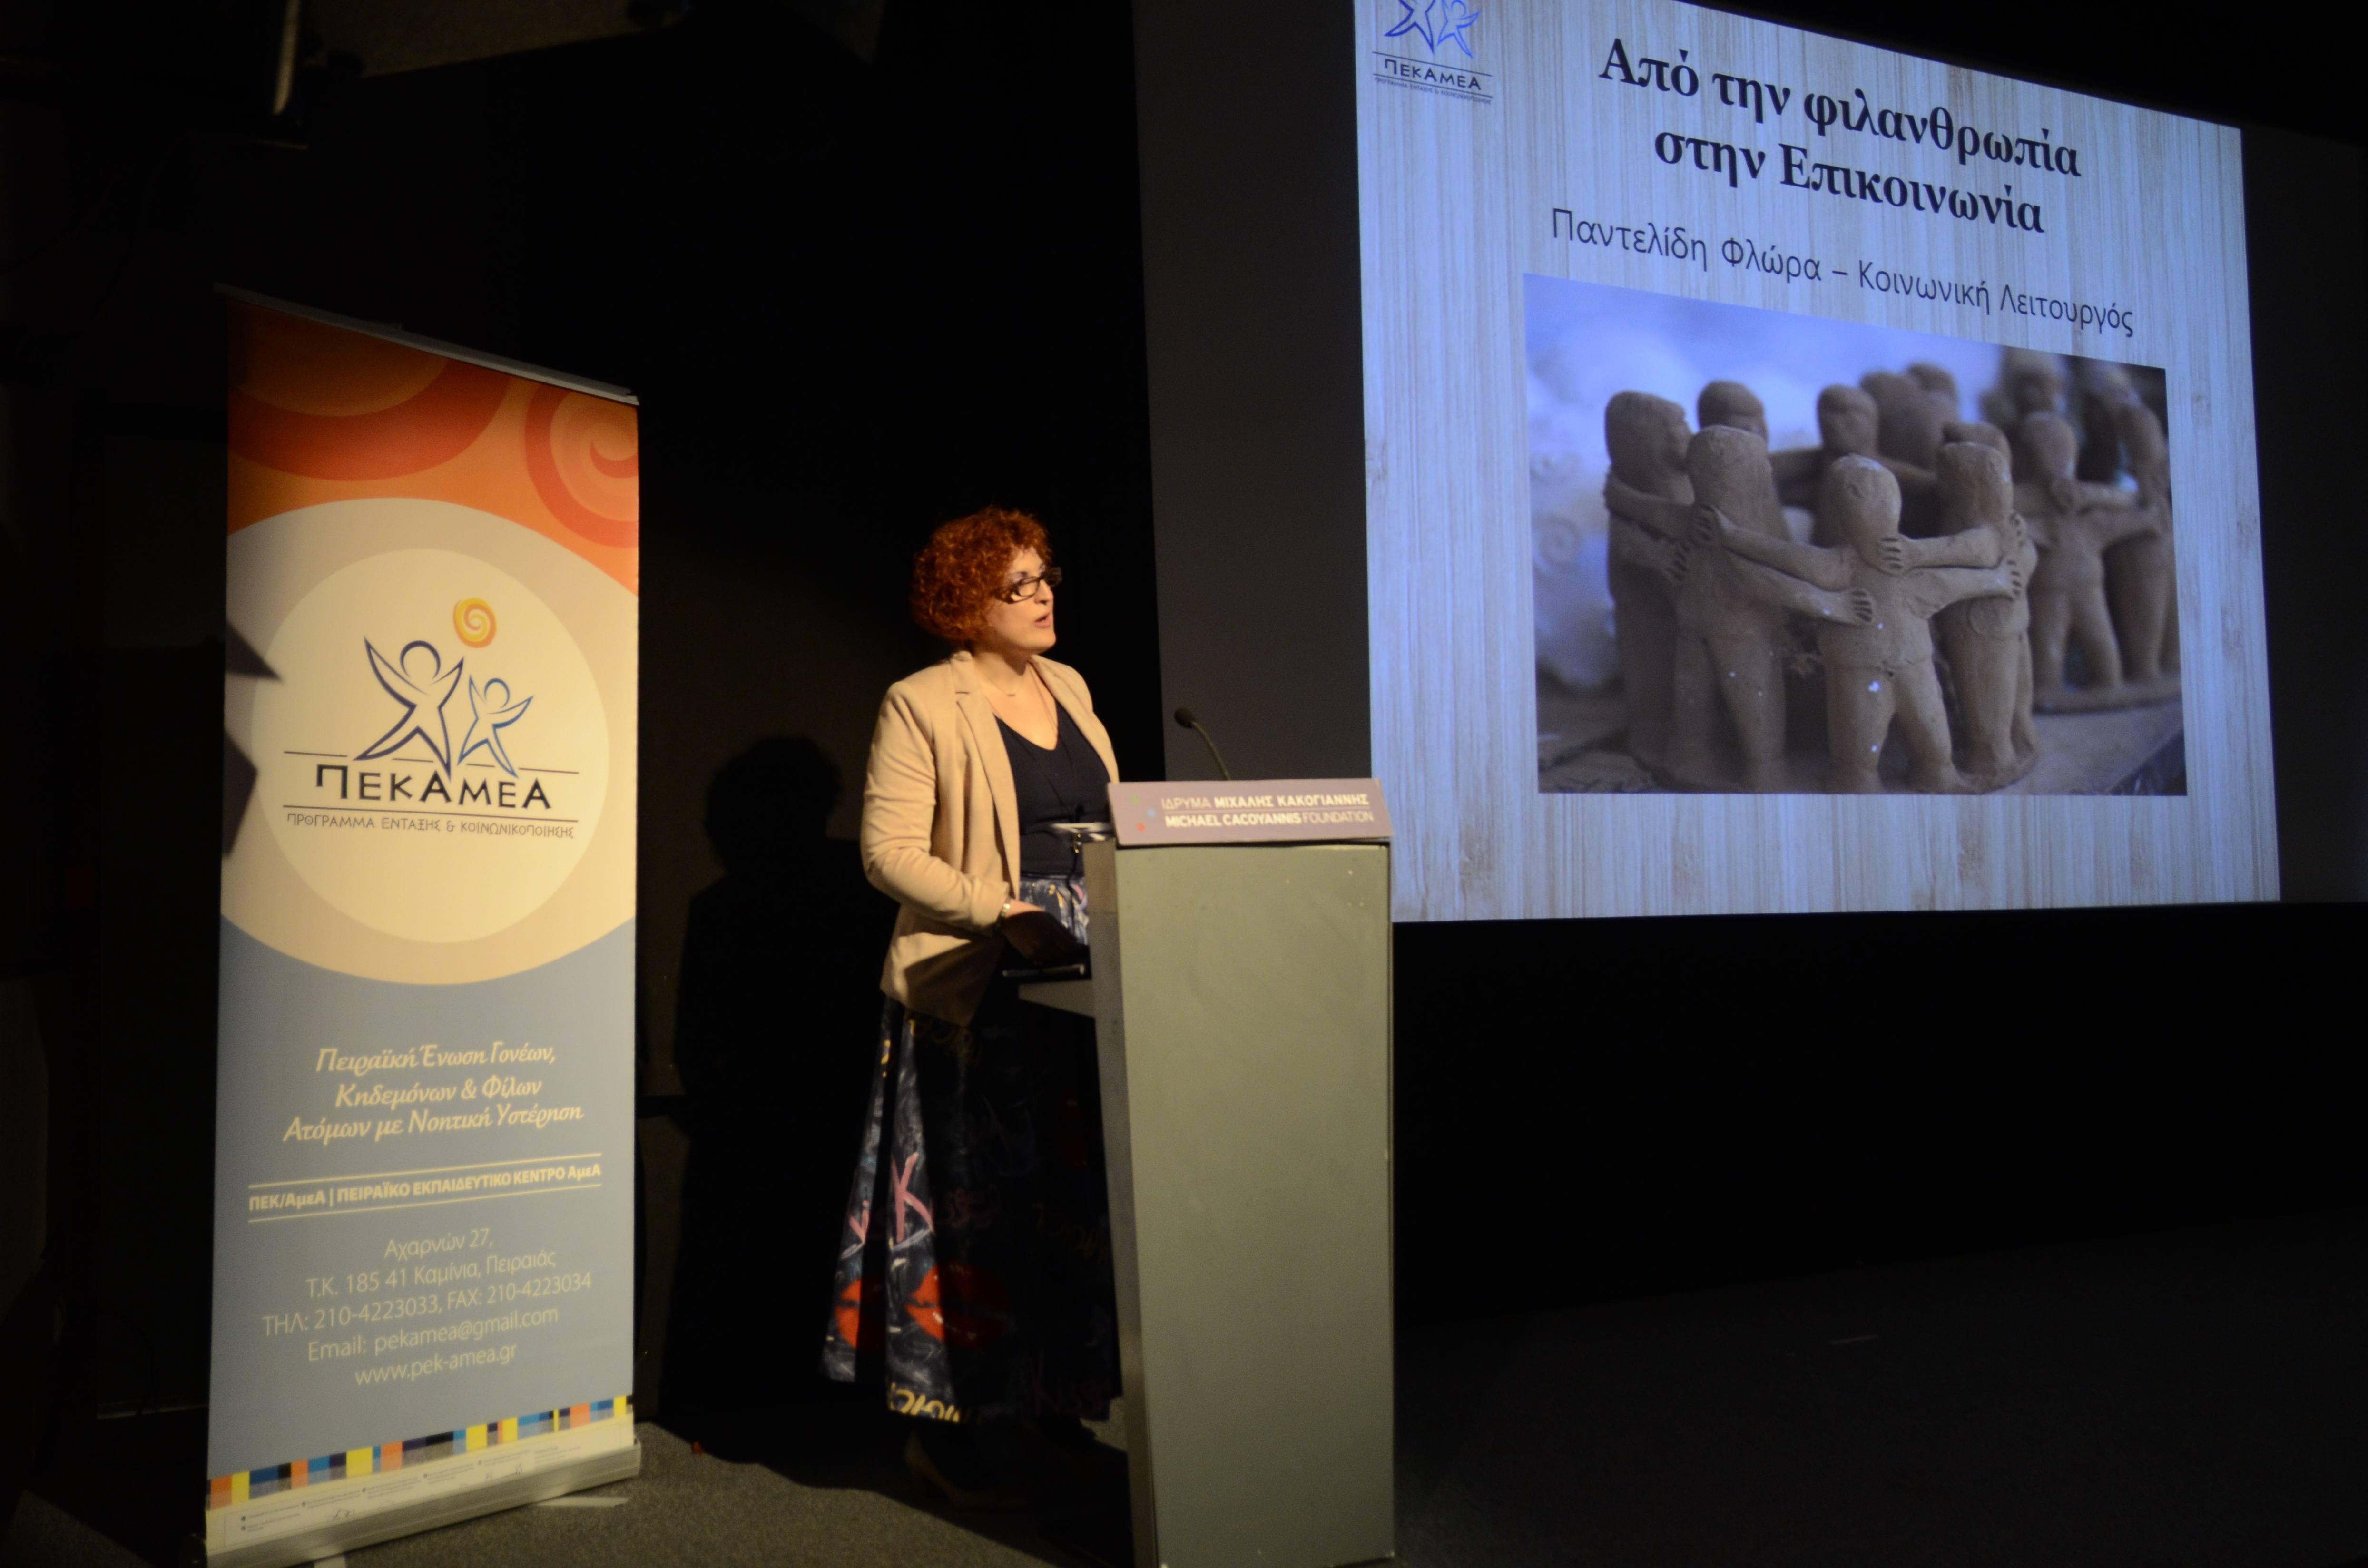 """Η κα Φλώρα Παντελίδη, Κοινωνική Λειτουργός - """"Από την Φιλανθρωπία στην Επικοινωνία"""""""